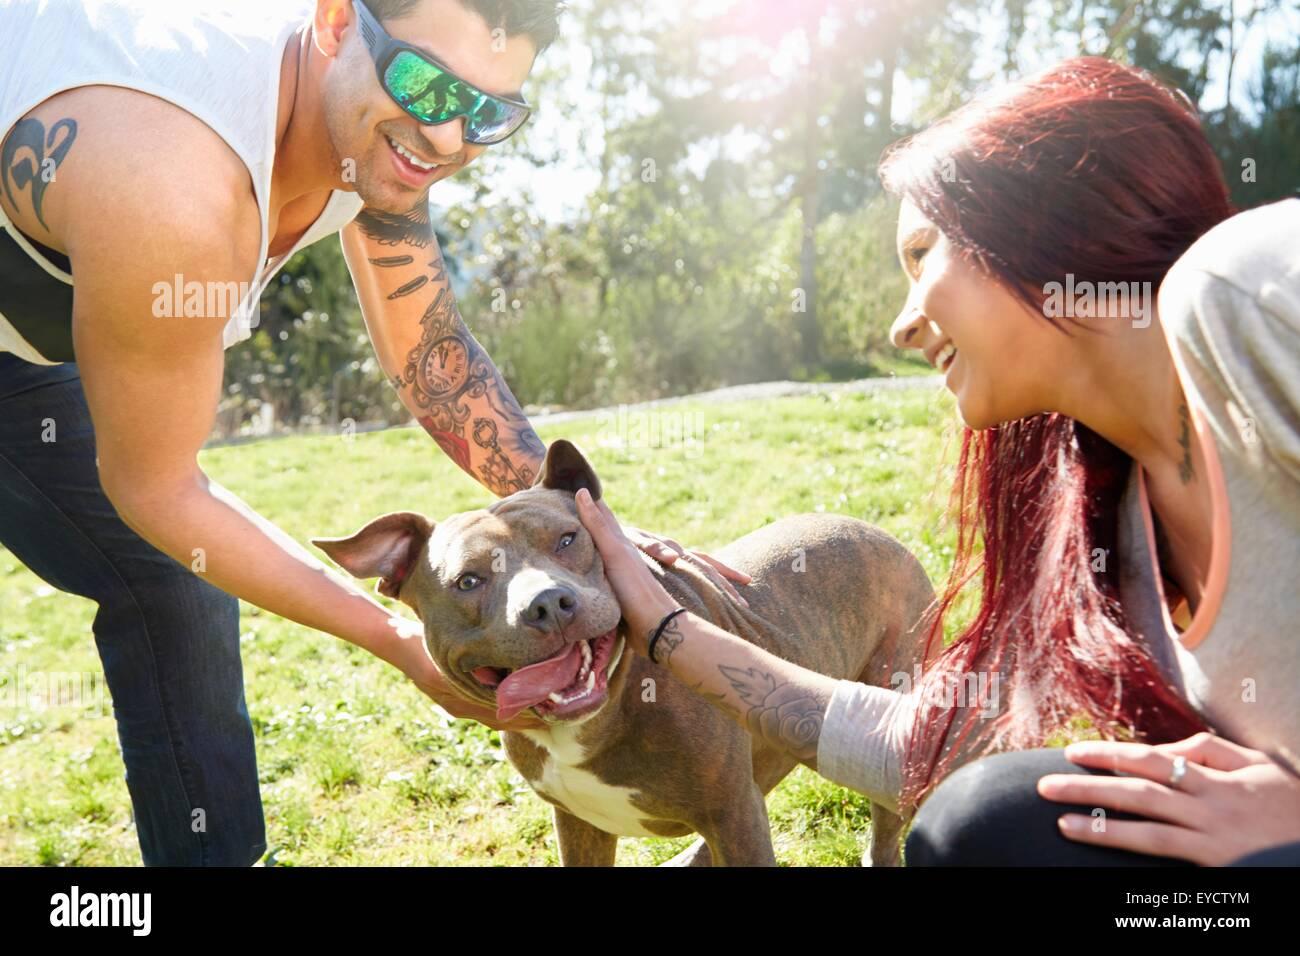 Joven pareja besándose en el parque del perro Imagen De Stock